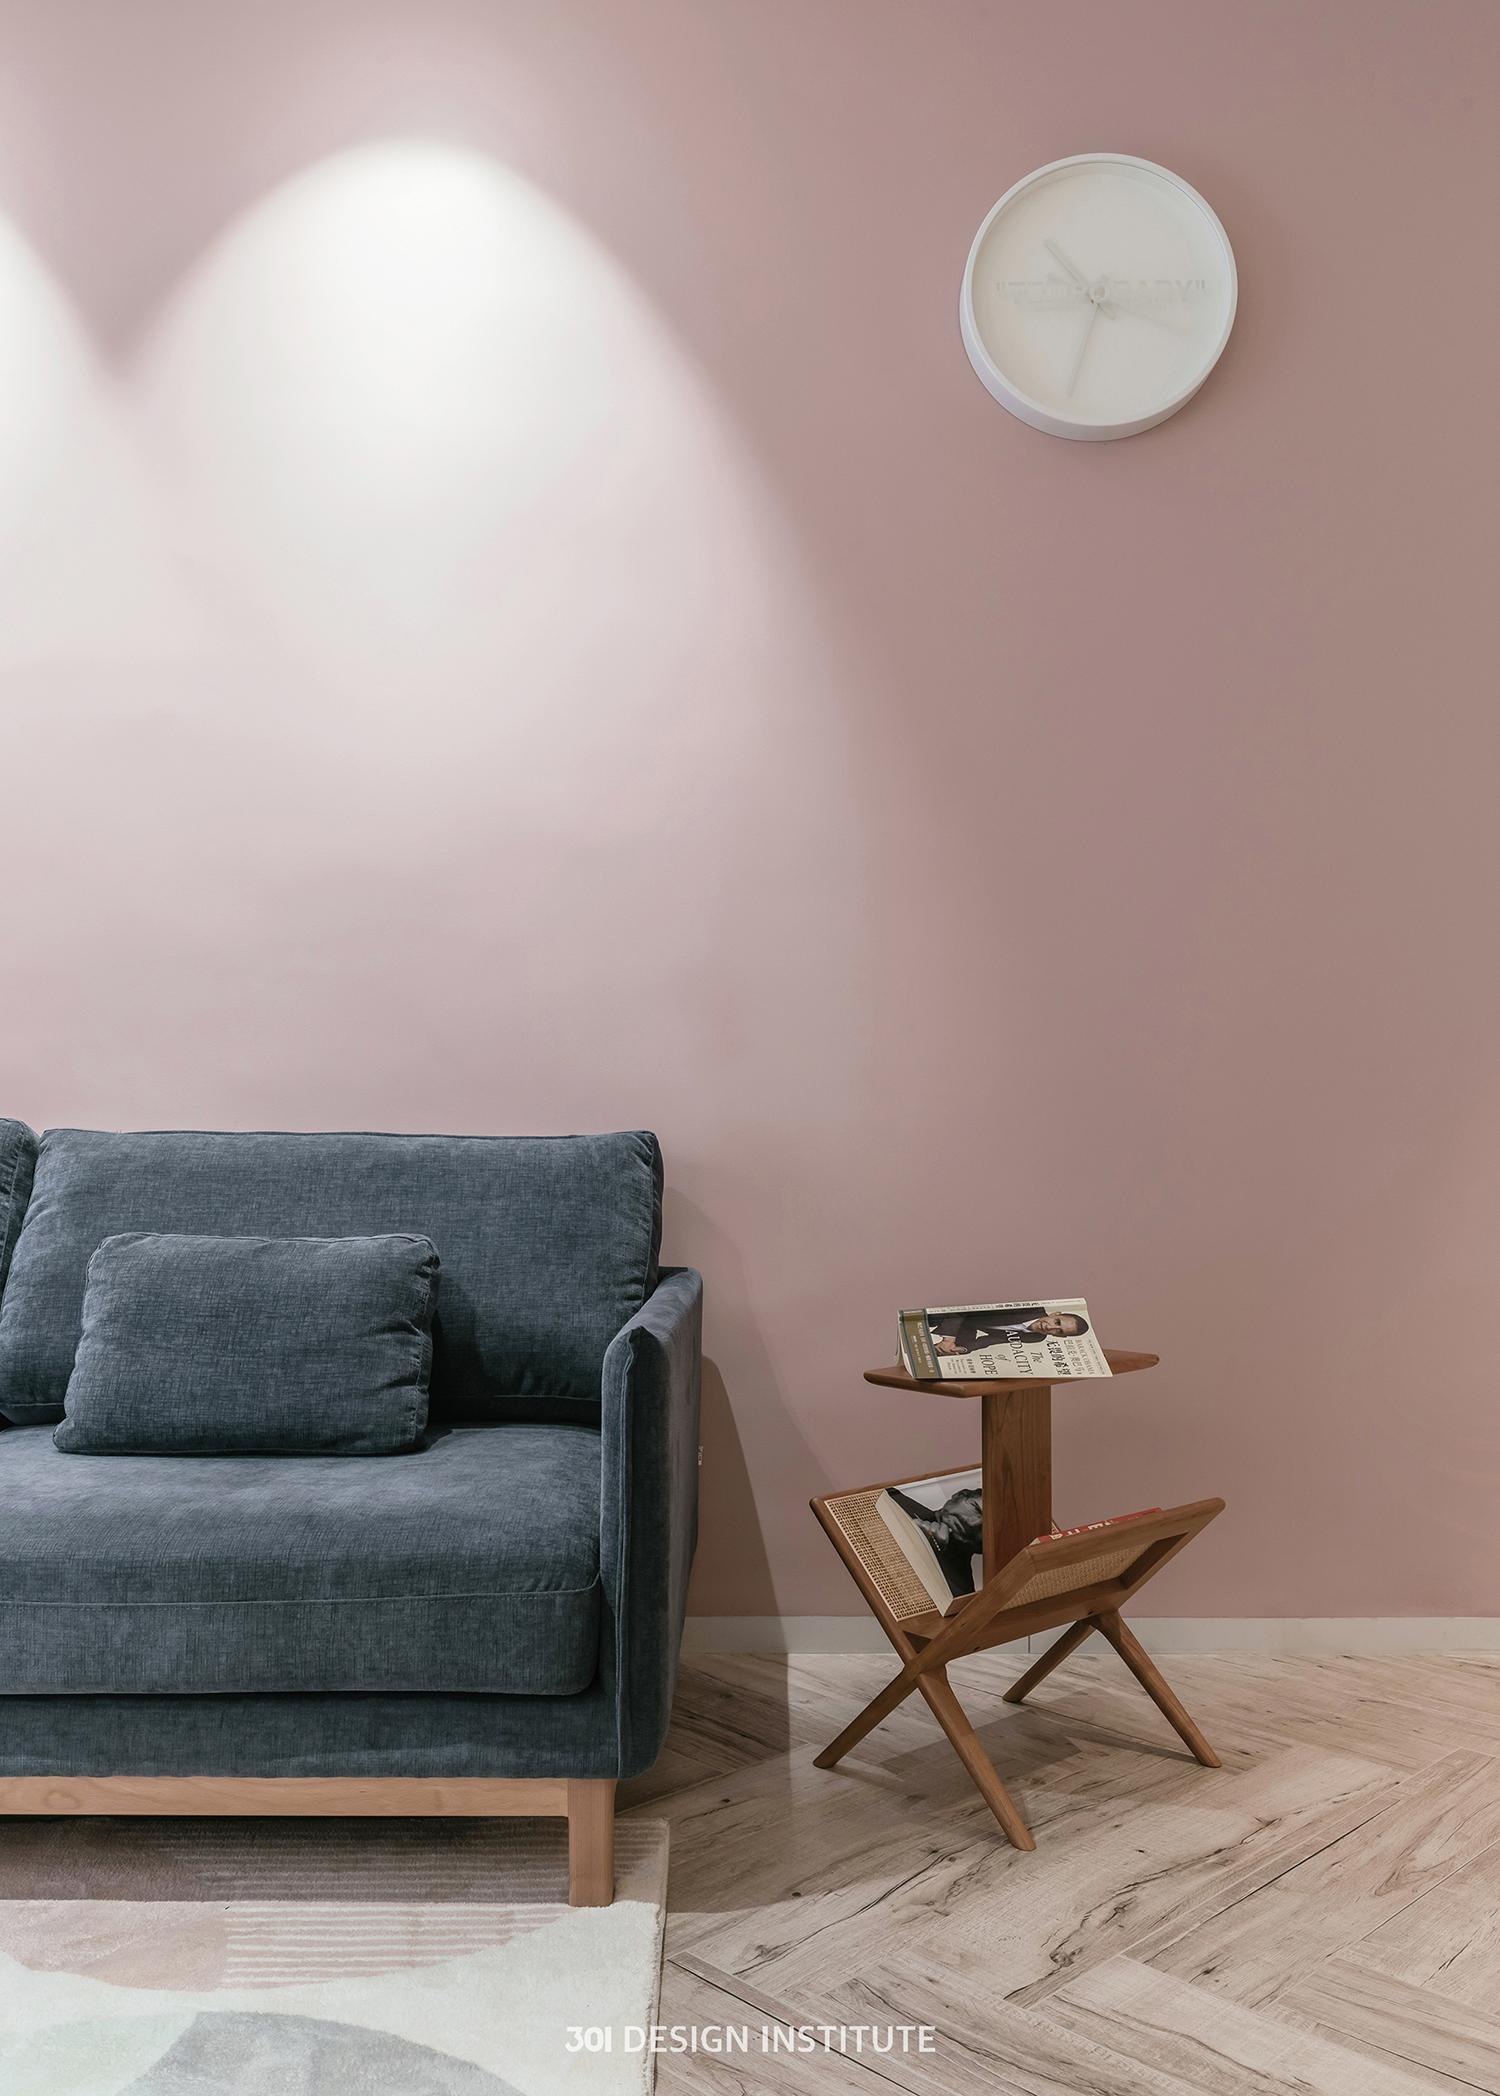 【301设计】| 选用脏粉色与栗色 打造出别样的北欧风